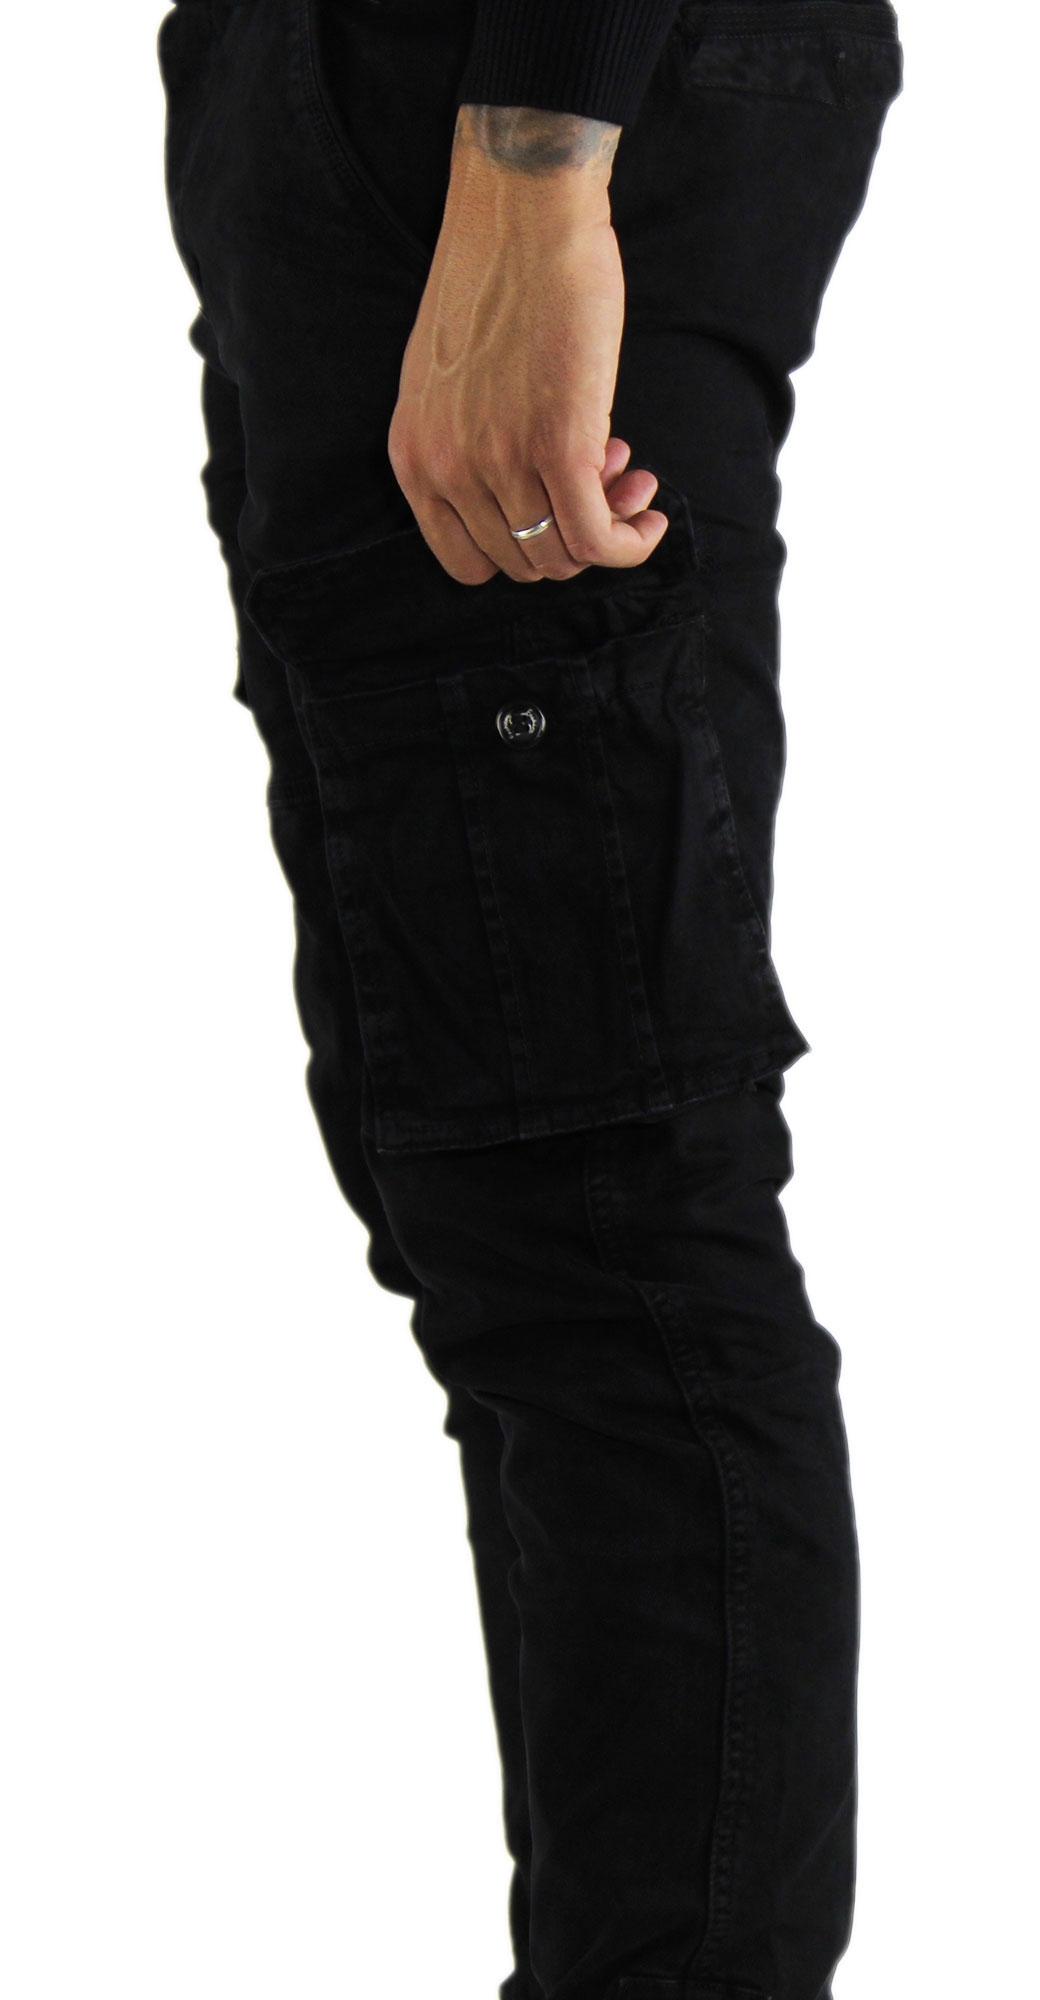 Pantaloni-Cargo-Uomo-Tasche-Laterali-Invernali-Cotone-Slim-Fit-Tasconi-Casual miniatura 16